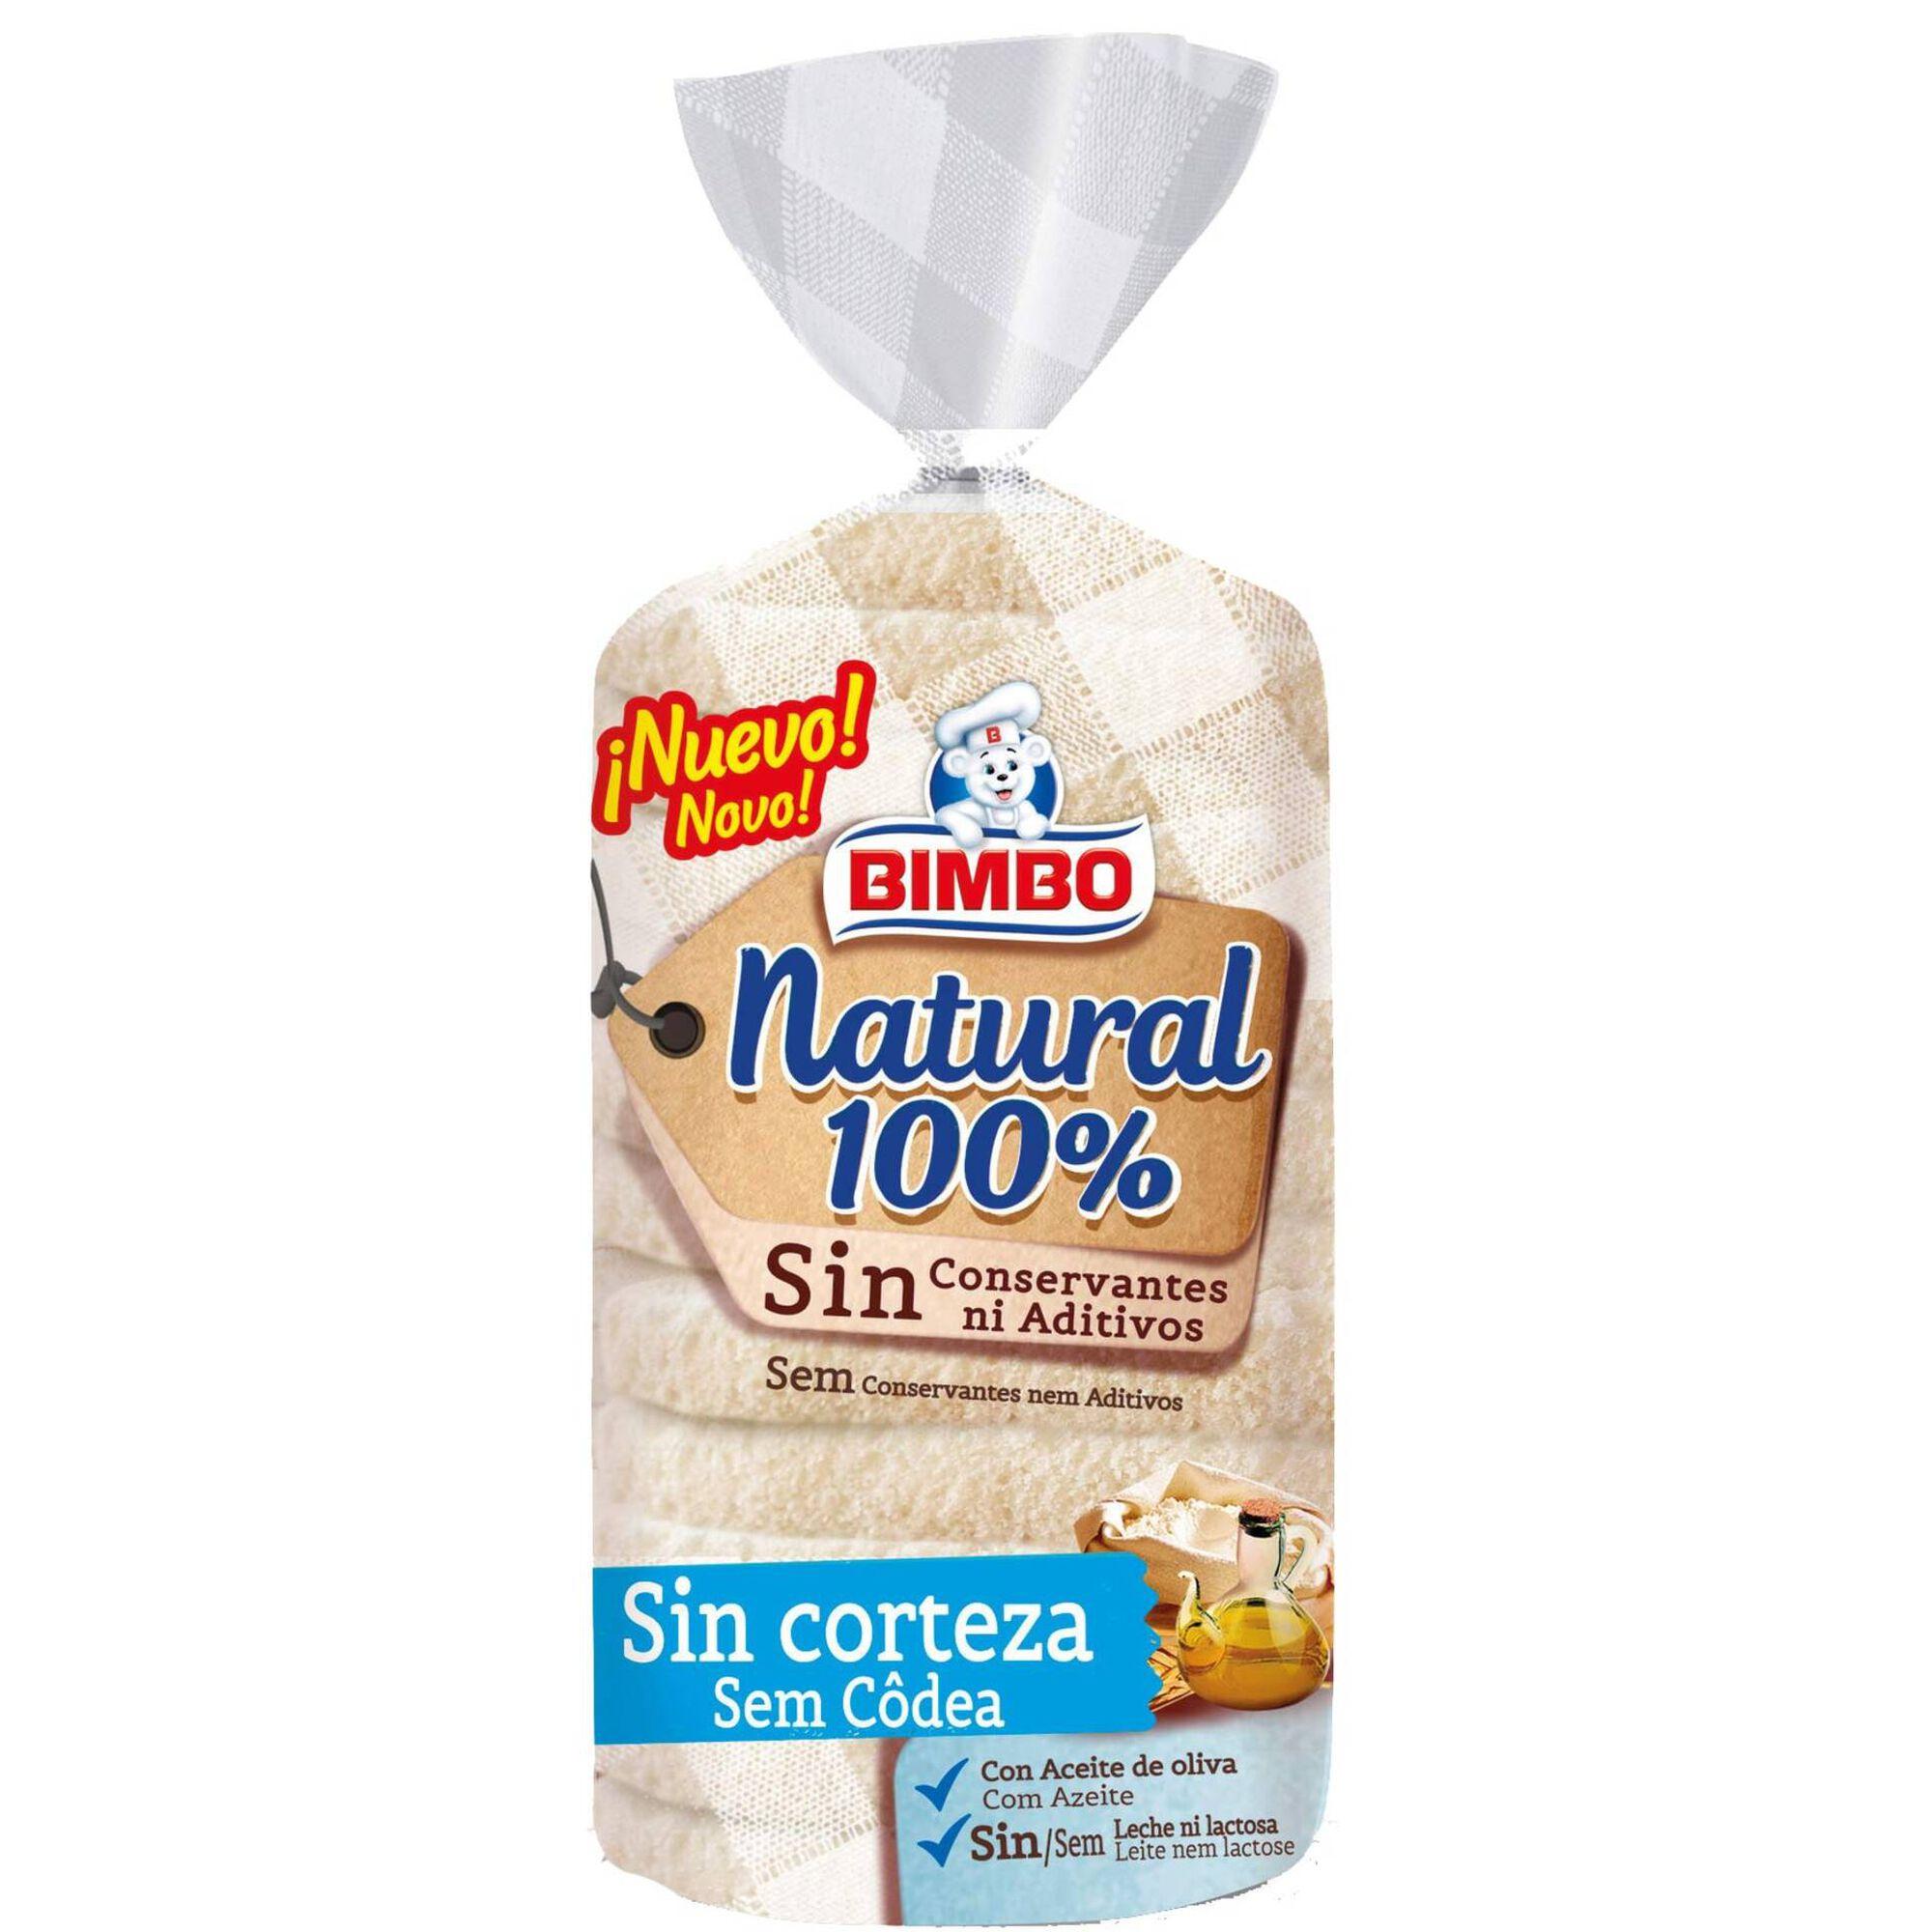 Pão de Forma 100% Natural sem côdea